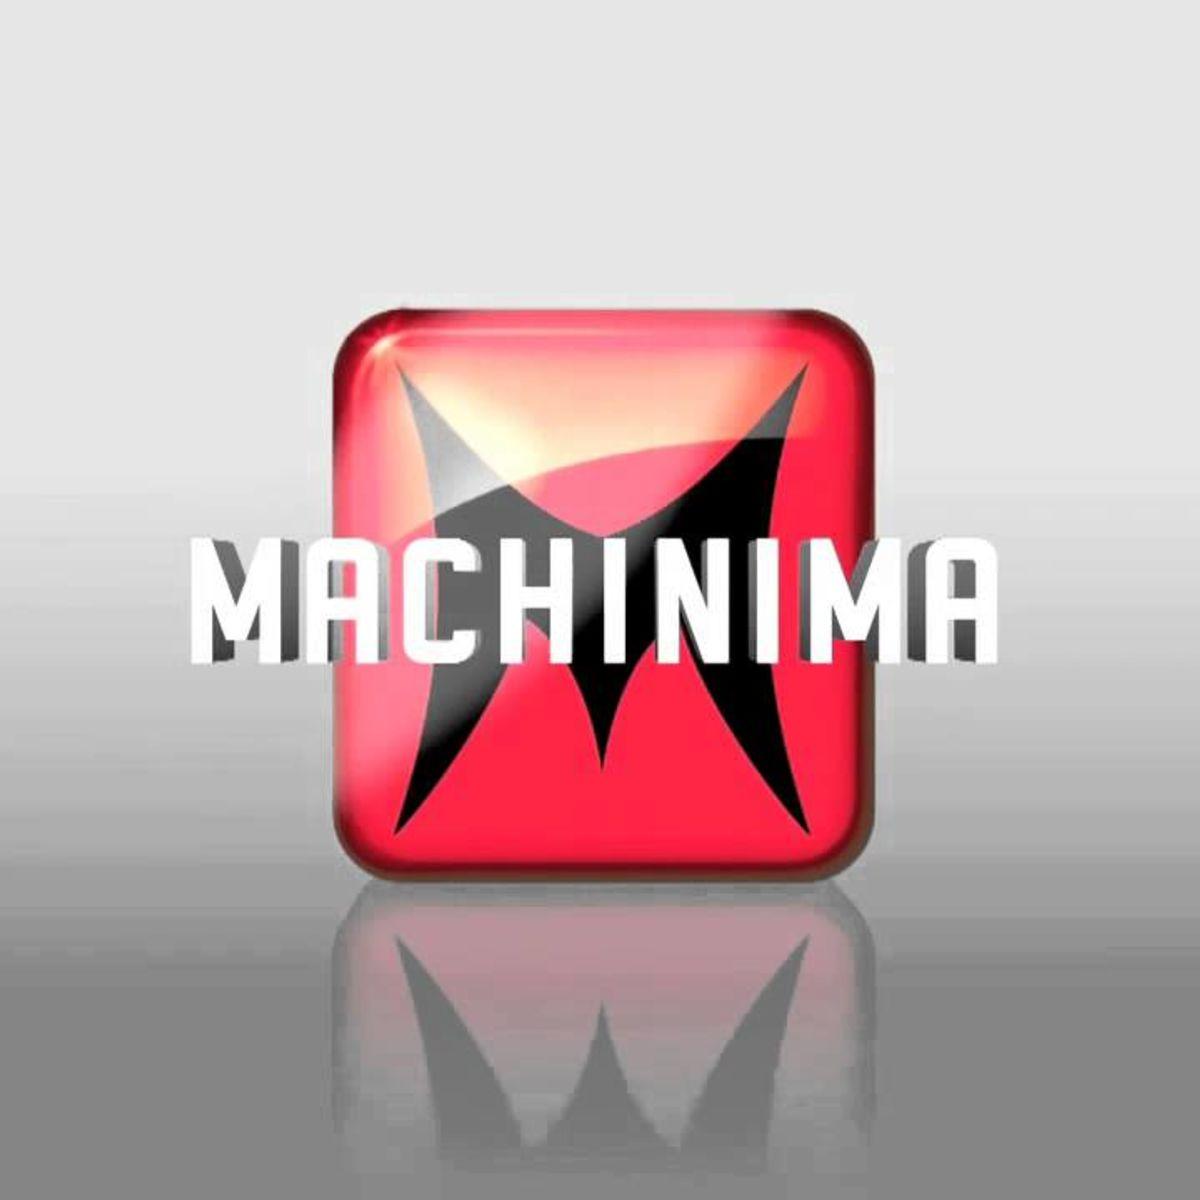 machinima.jpg